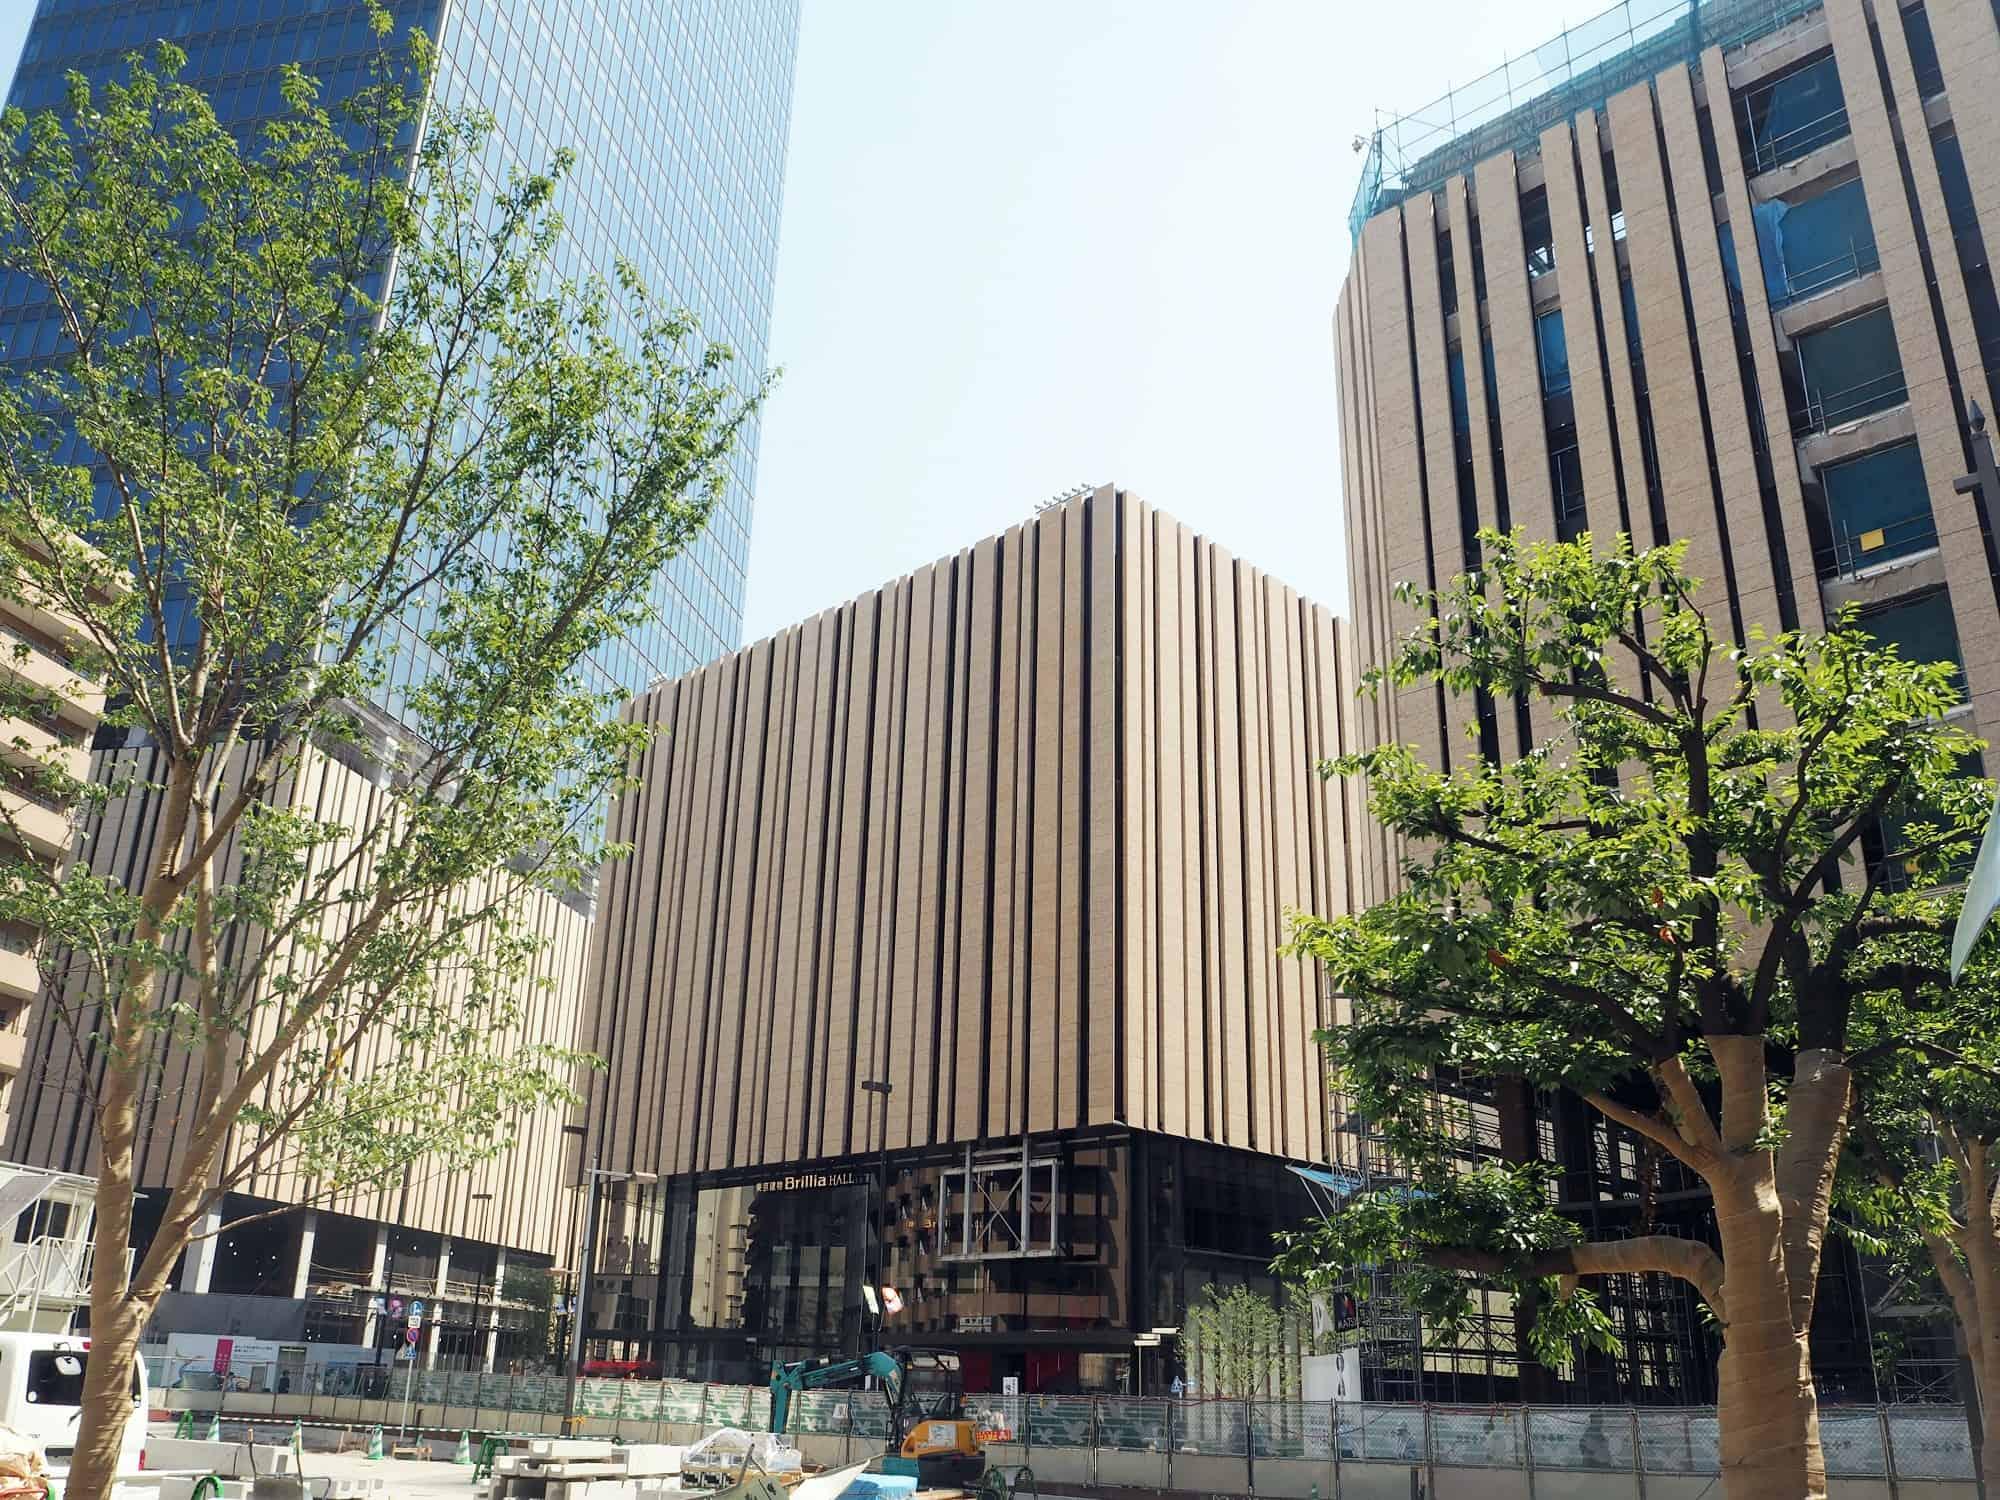 ที่เที่ยวเปิดใหม่ Tokyo 2020 - ฮาเรซา อิเคะบุคุโระ (Hareza Ikebukuro)